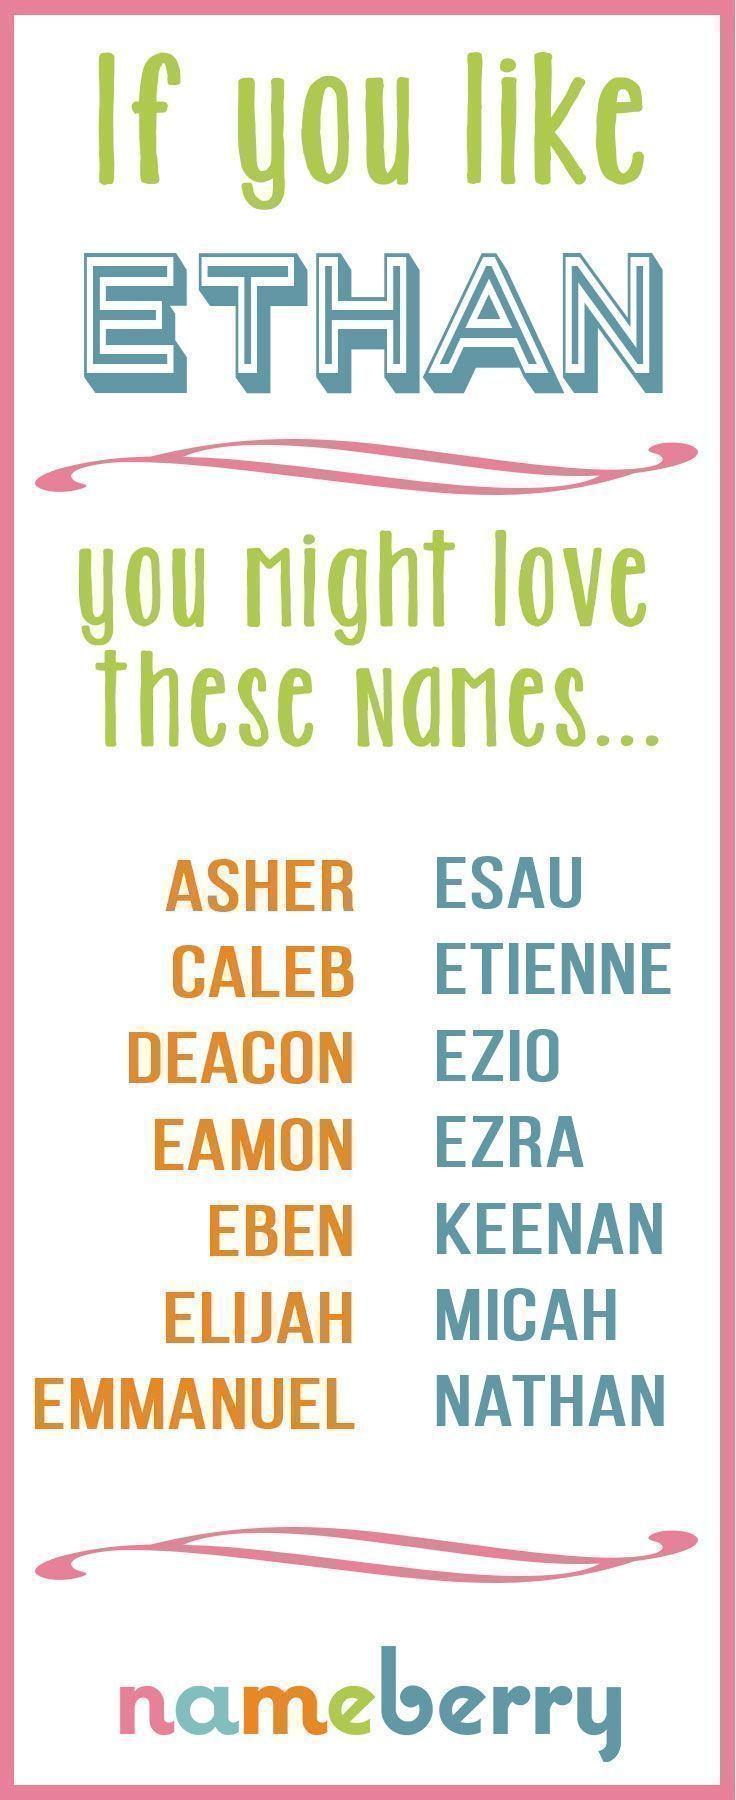 #gender neutral names list #gender neutral names list #gender neutral names list